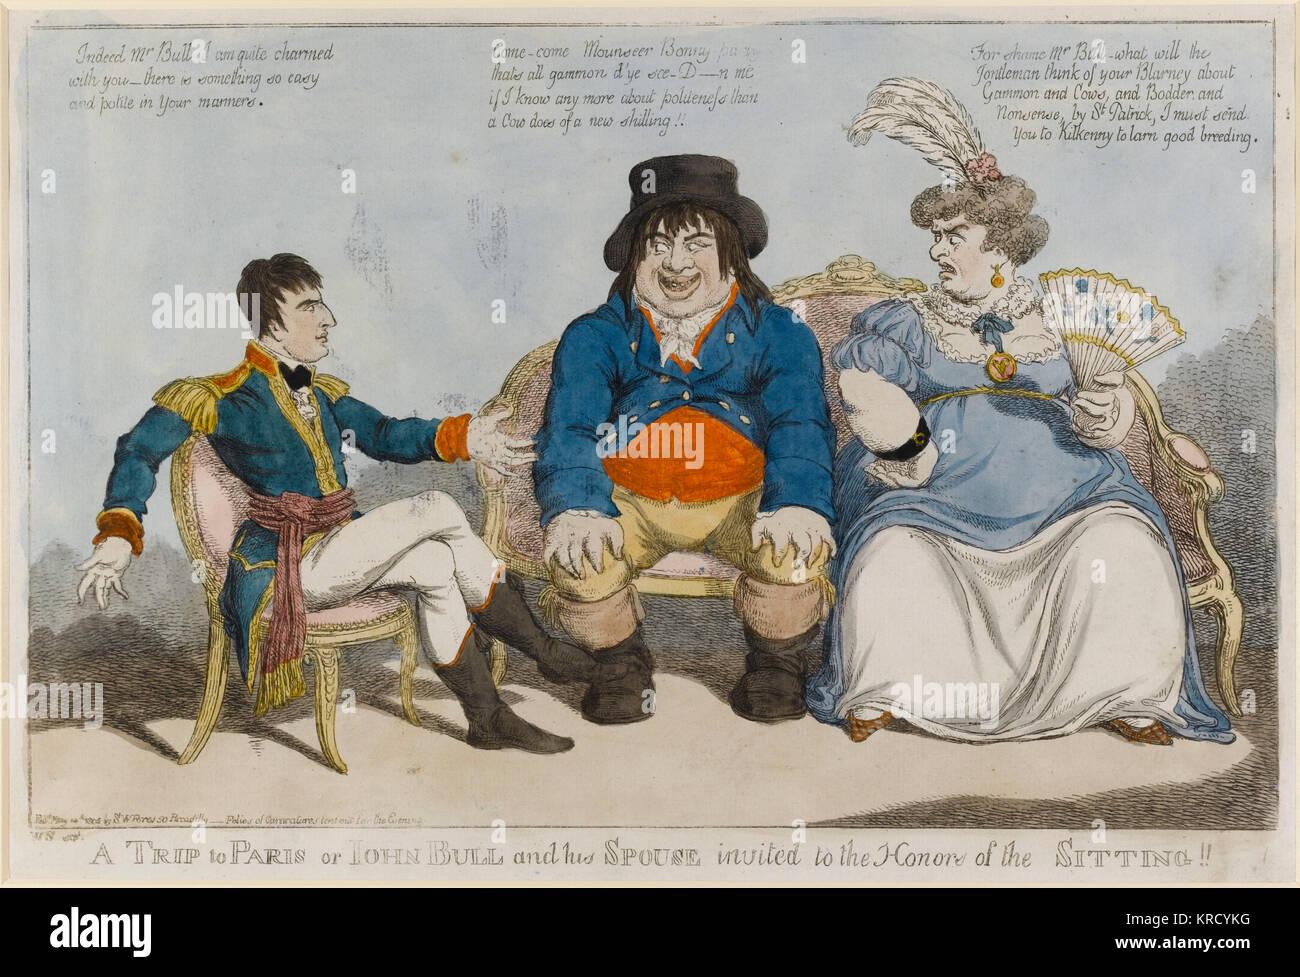 Caricatura satírica, un viaje a París o John Bull y su cónyuge invitó a los honores de la sesión!! Imagen De Stock